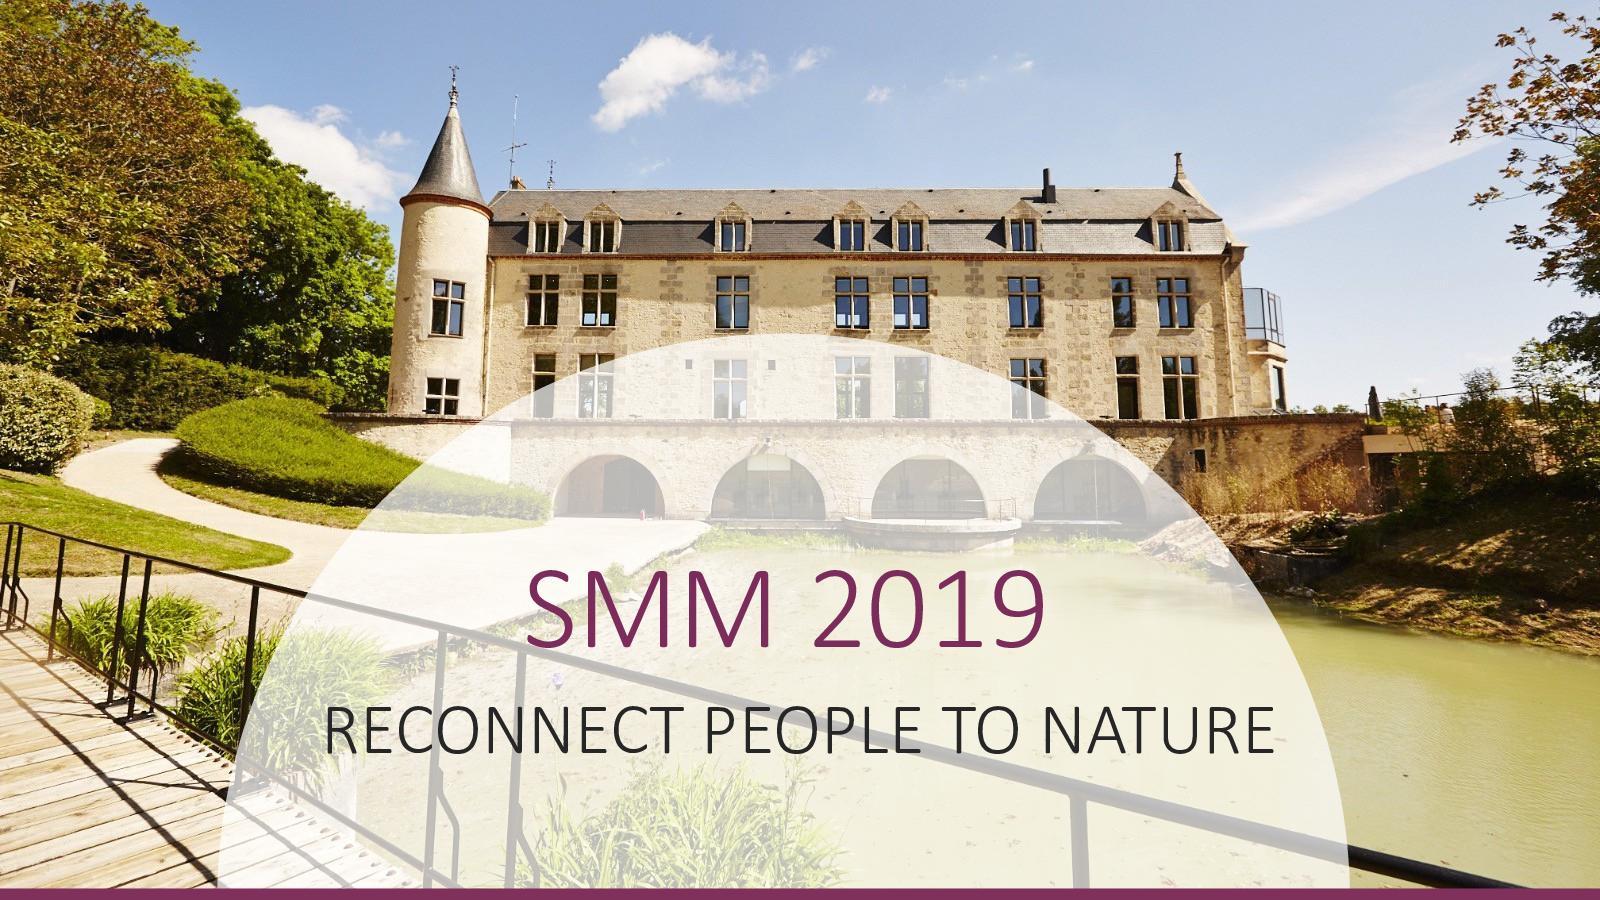 SMM 2019